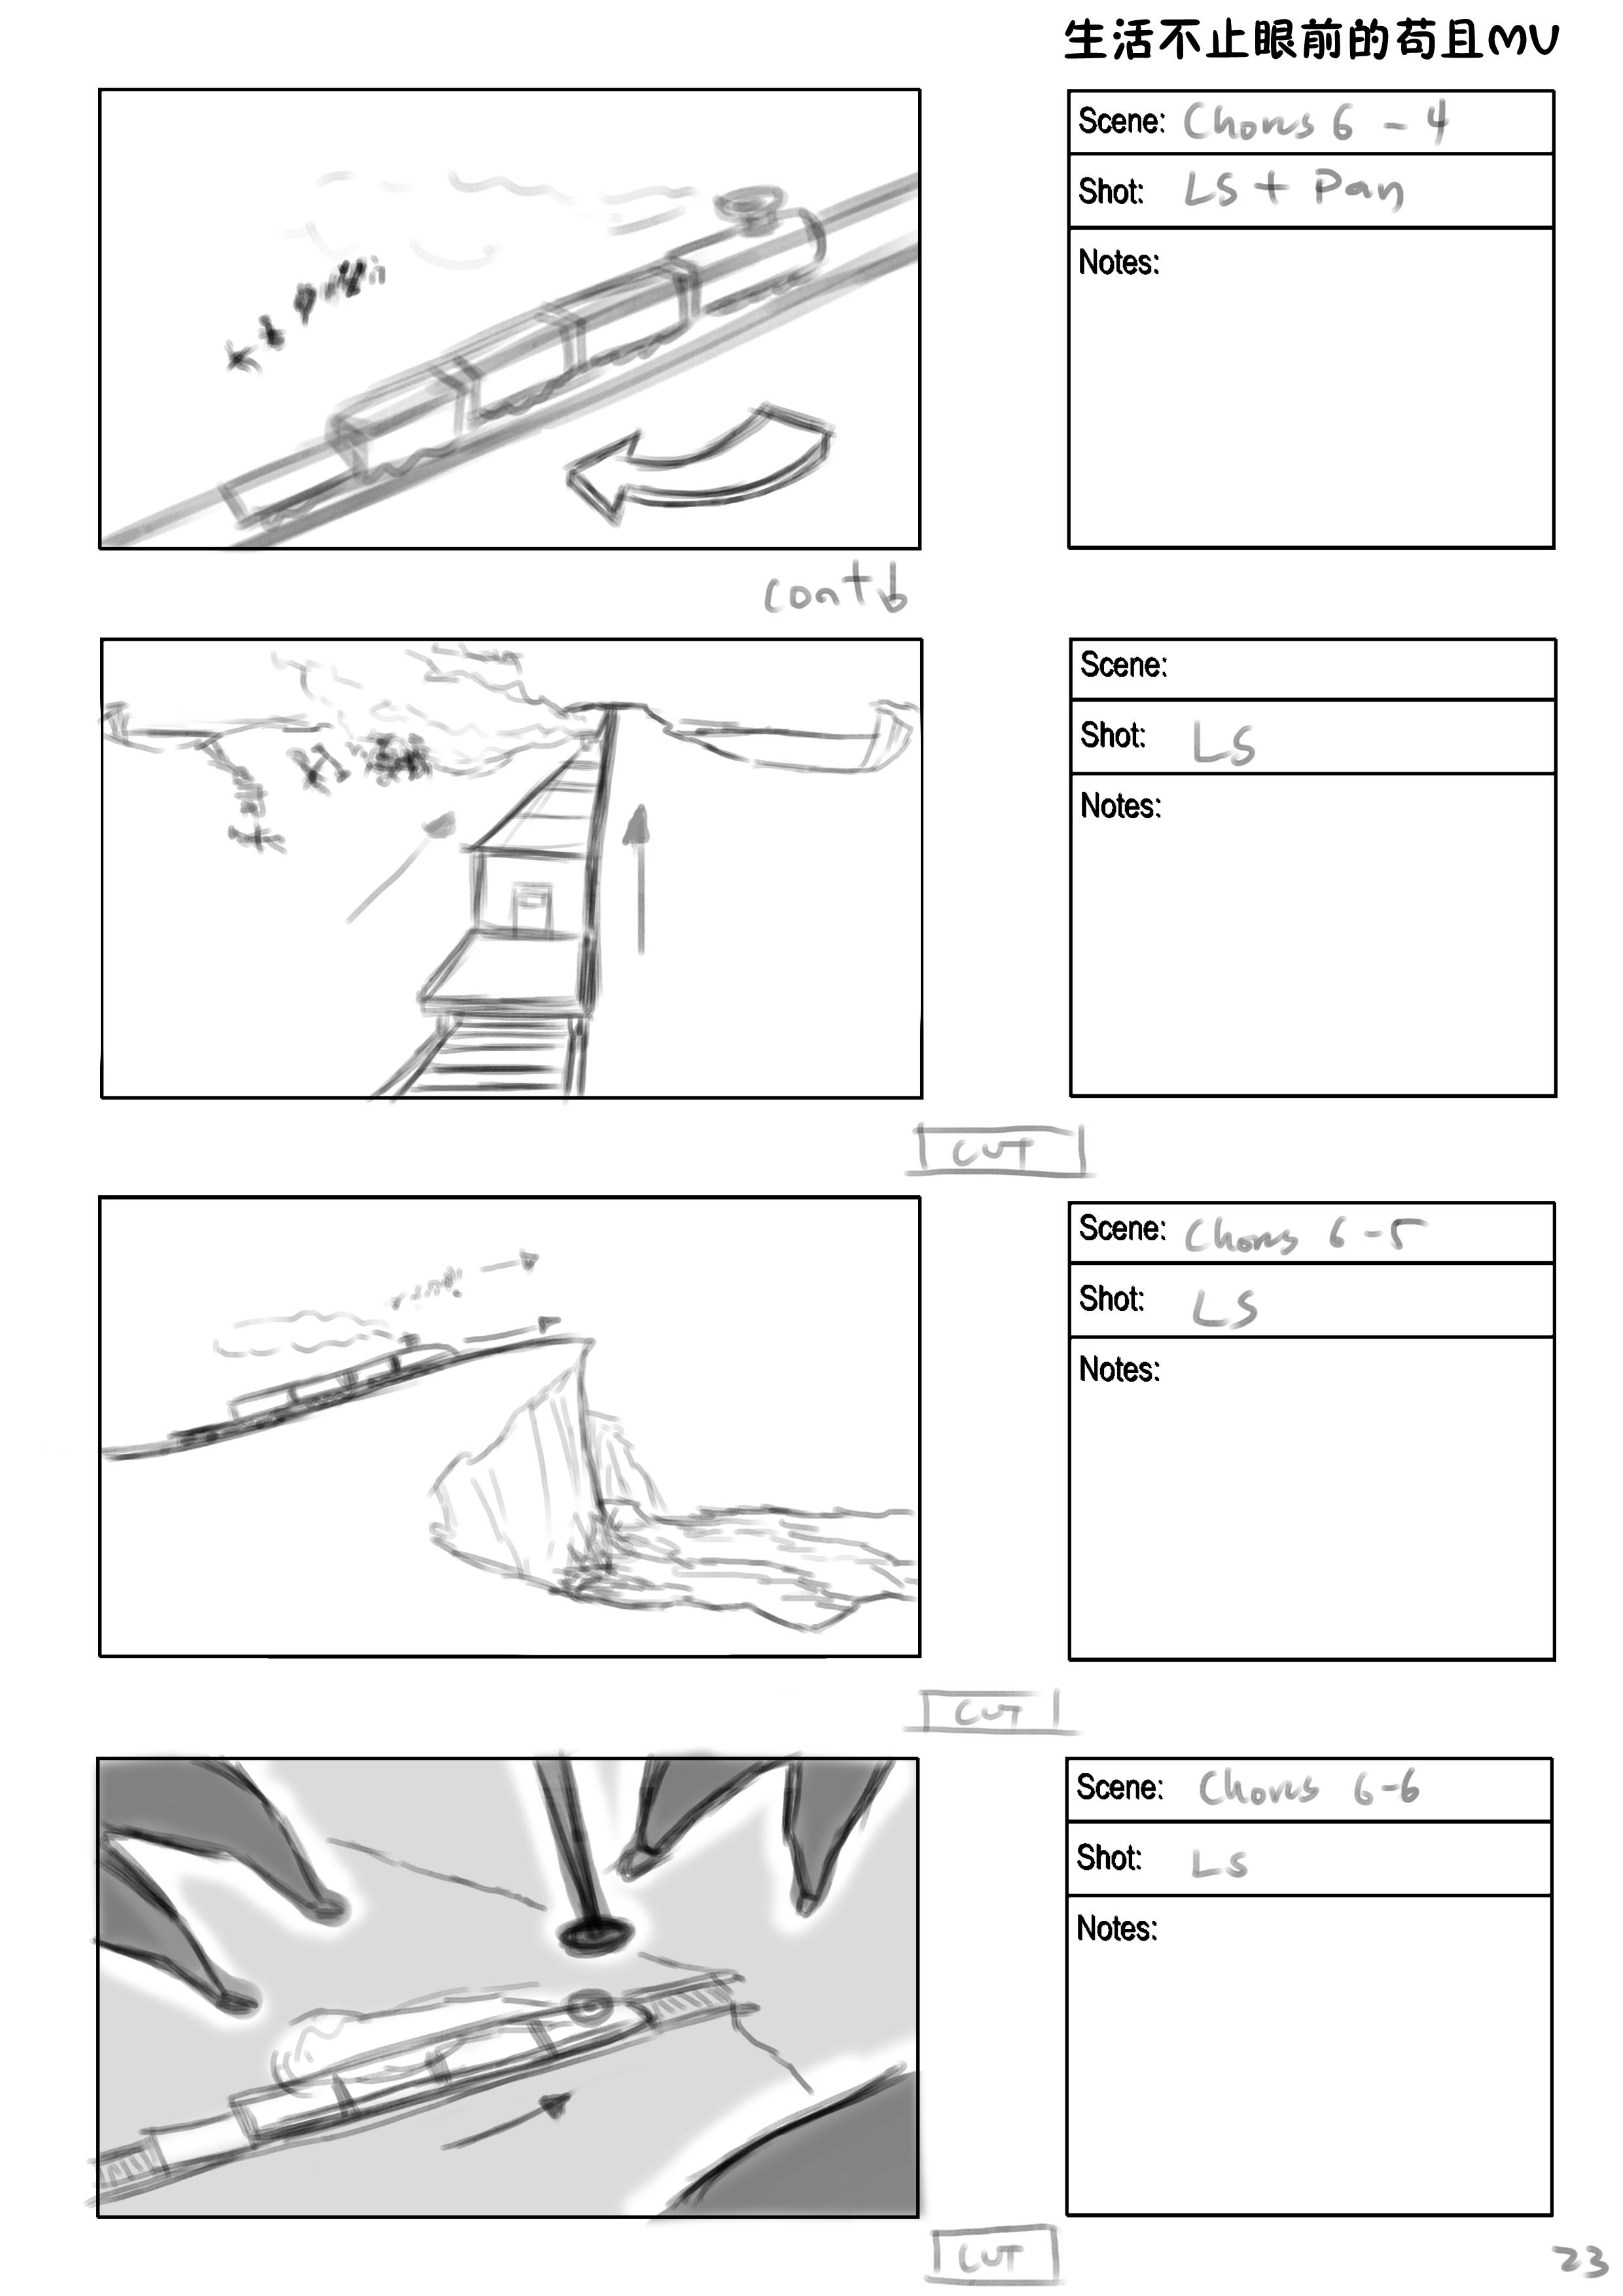 《苟且》MV pg 23